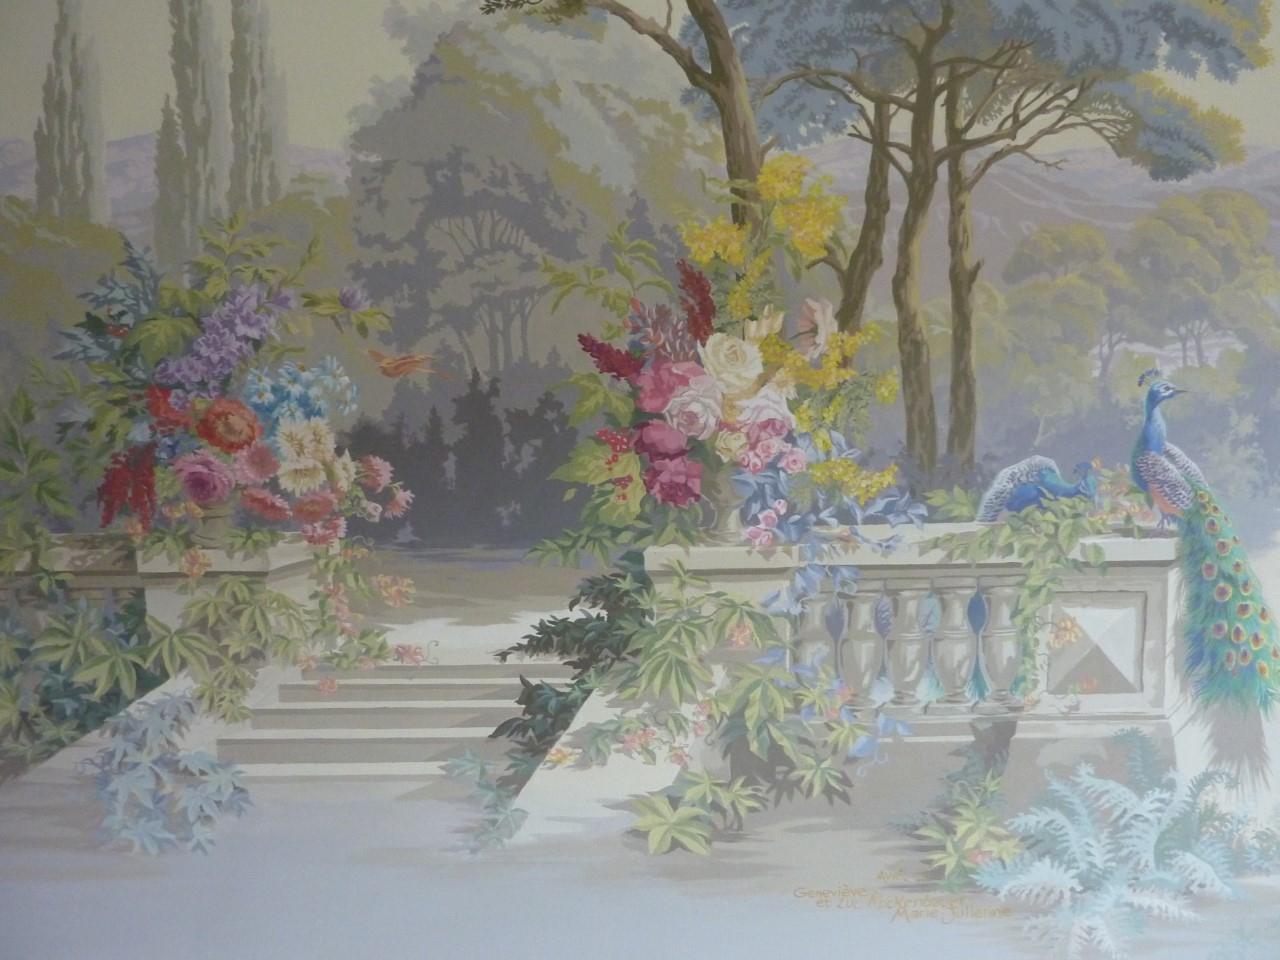 Zuber2- Décor salon particulier à la manière des papiers peints Züber- fresque en trompe l'oeil.